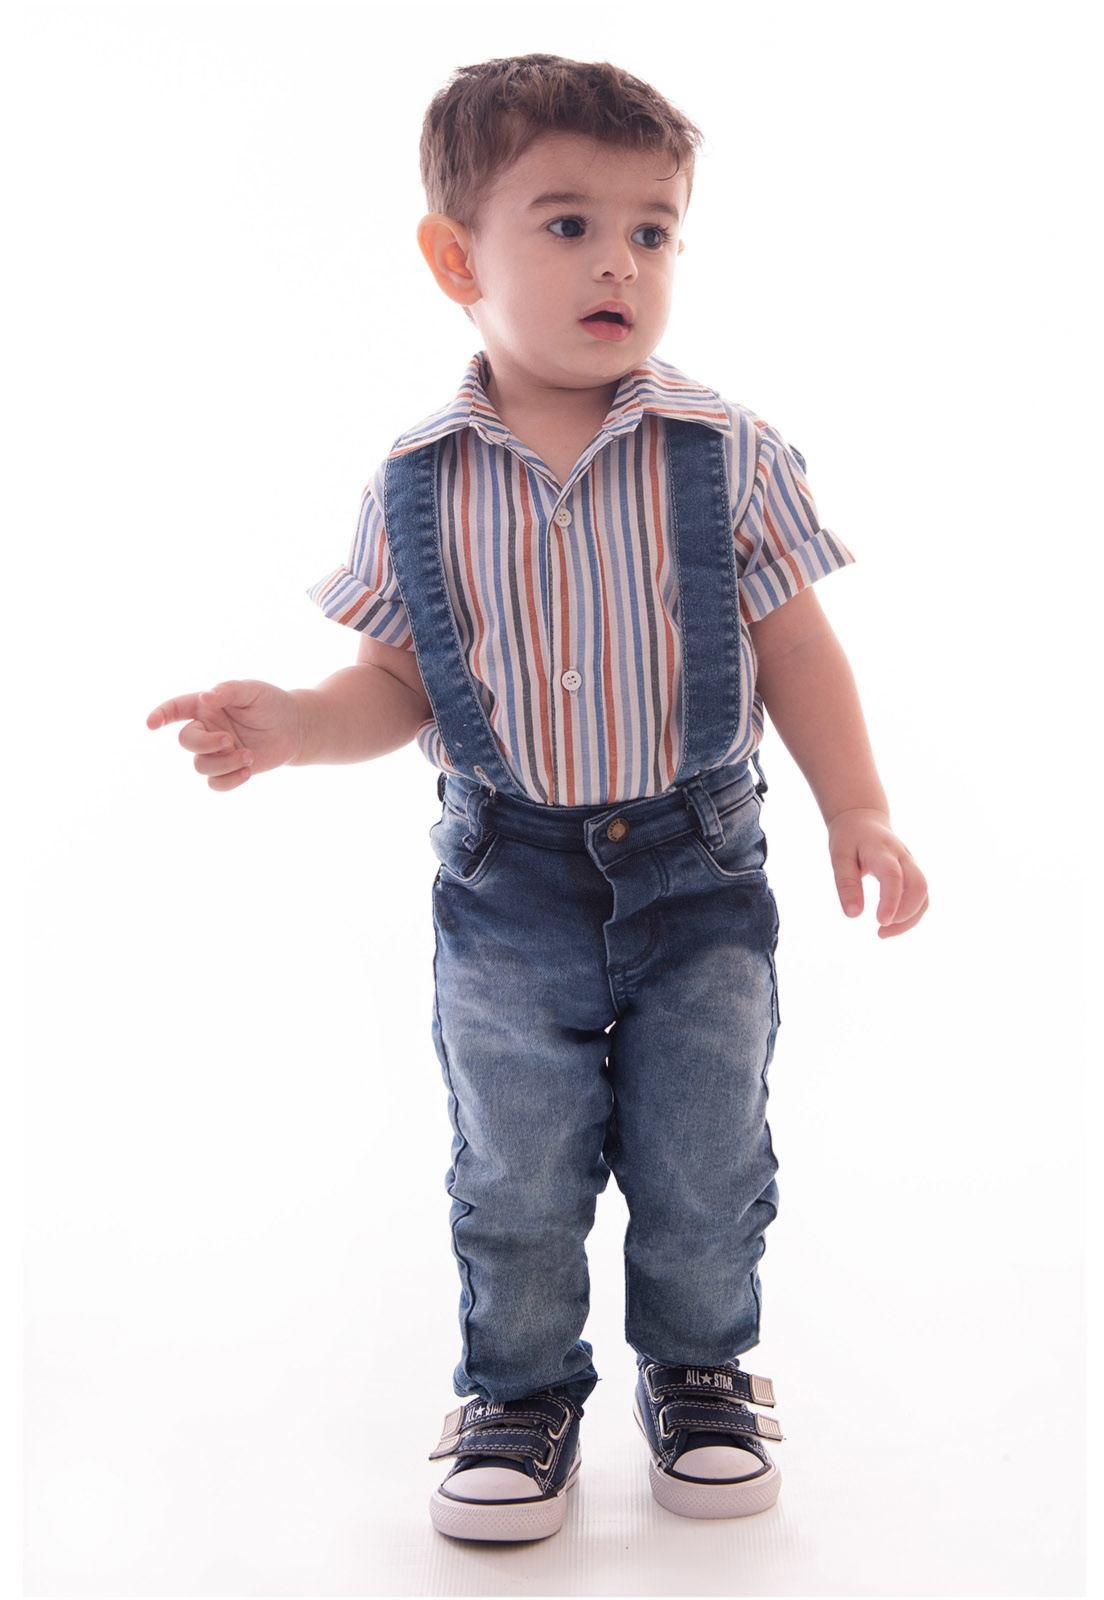 Conjunto Camisa Listras Manga Curta com Mochila Acoplada em Jeans, Calça com Elastano